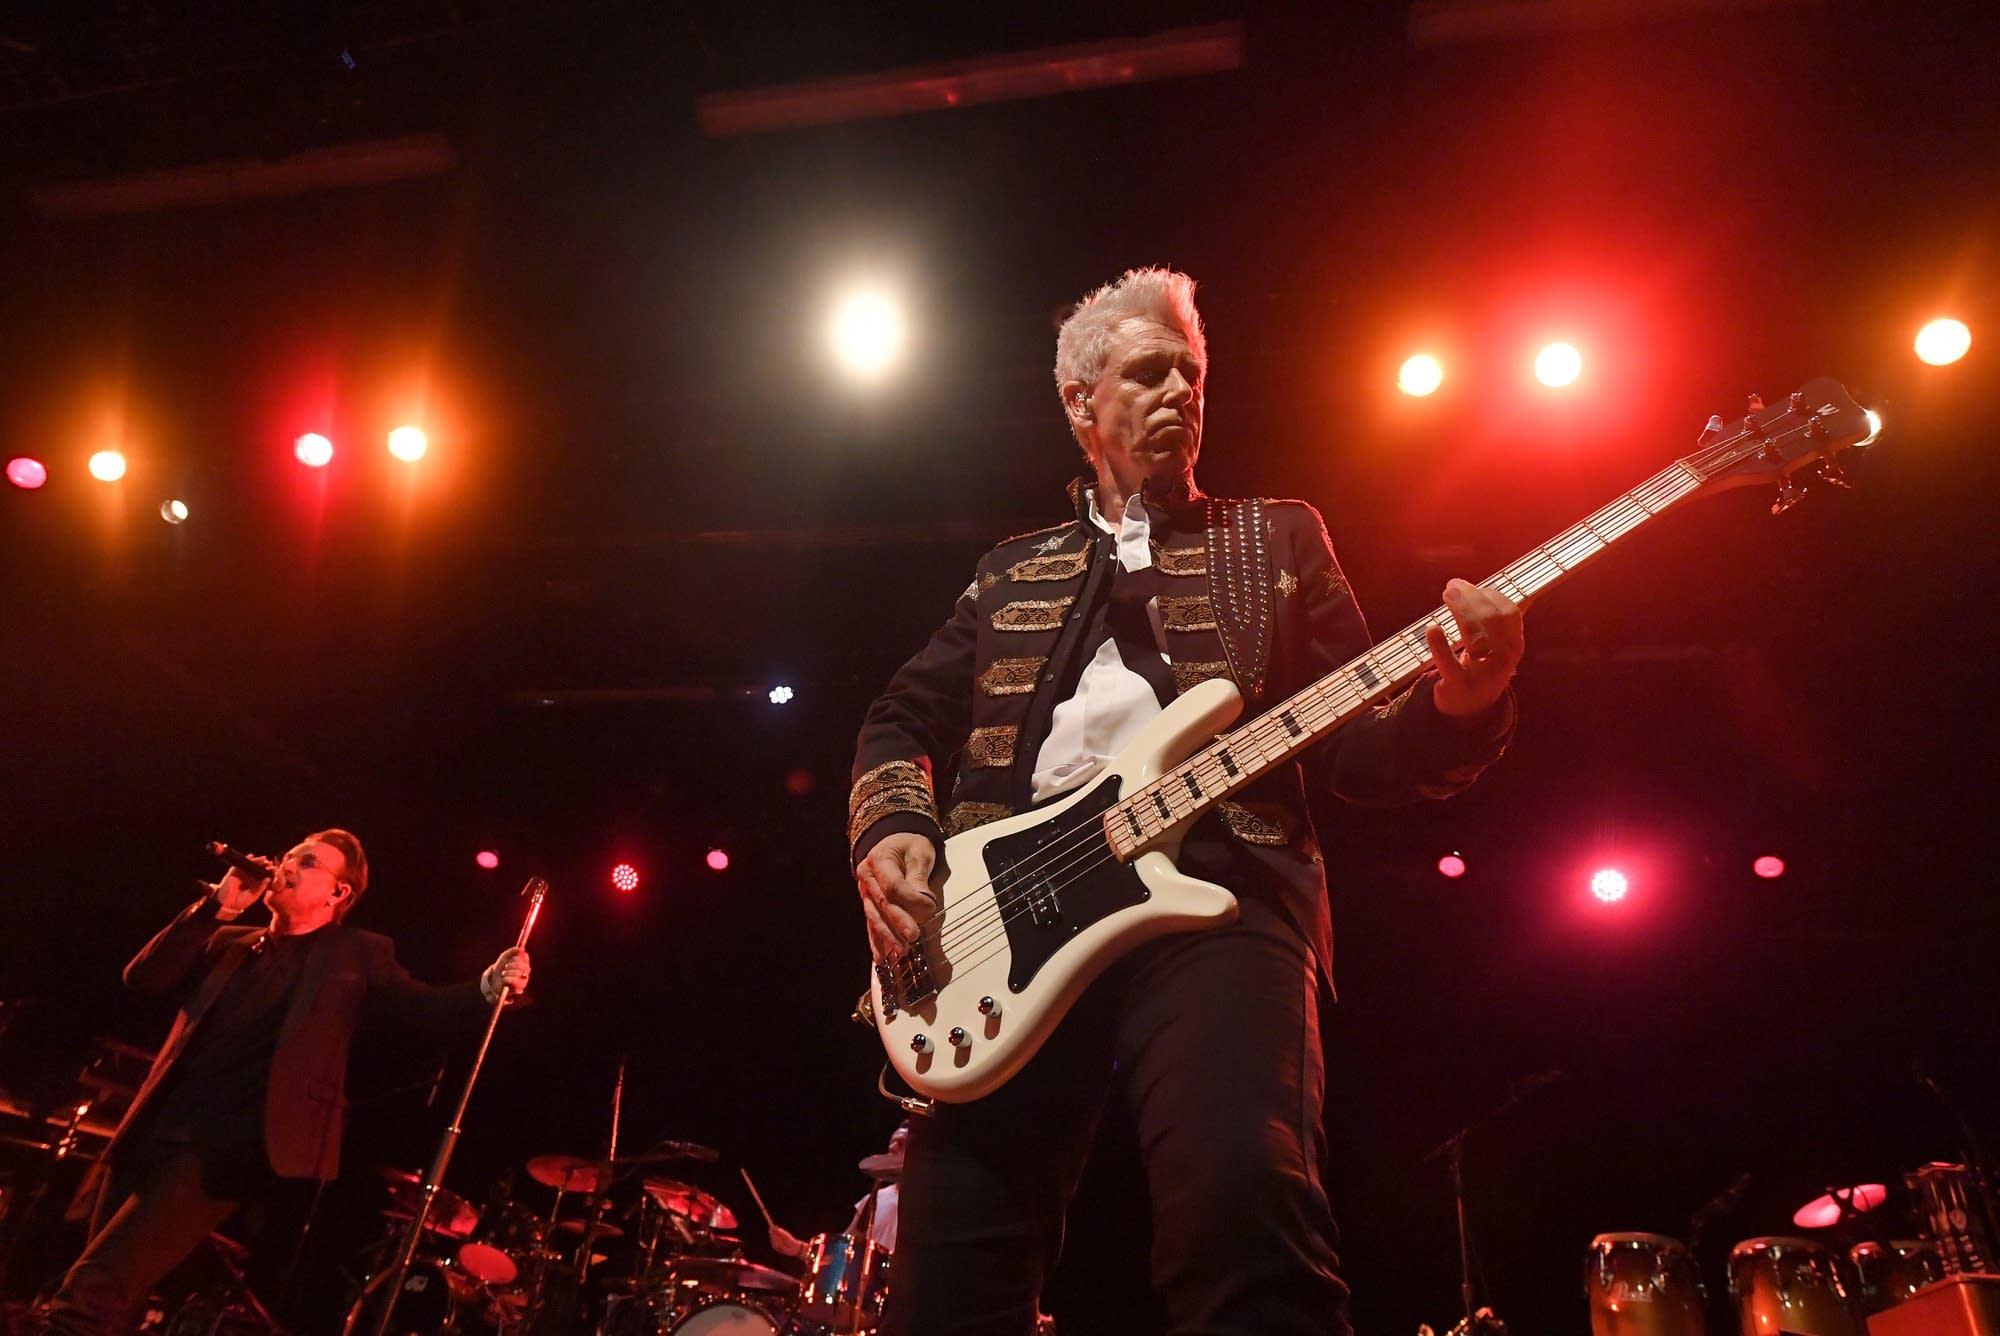 U2, 'The Joshua Tree' tour